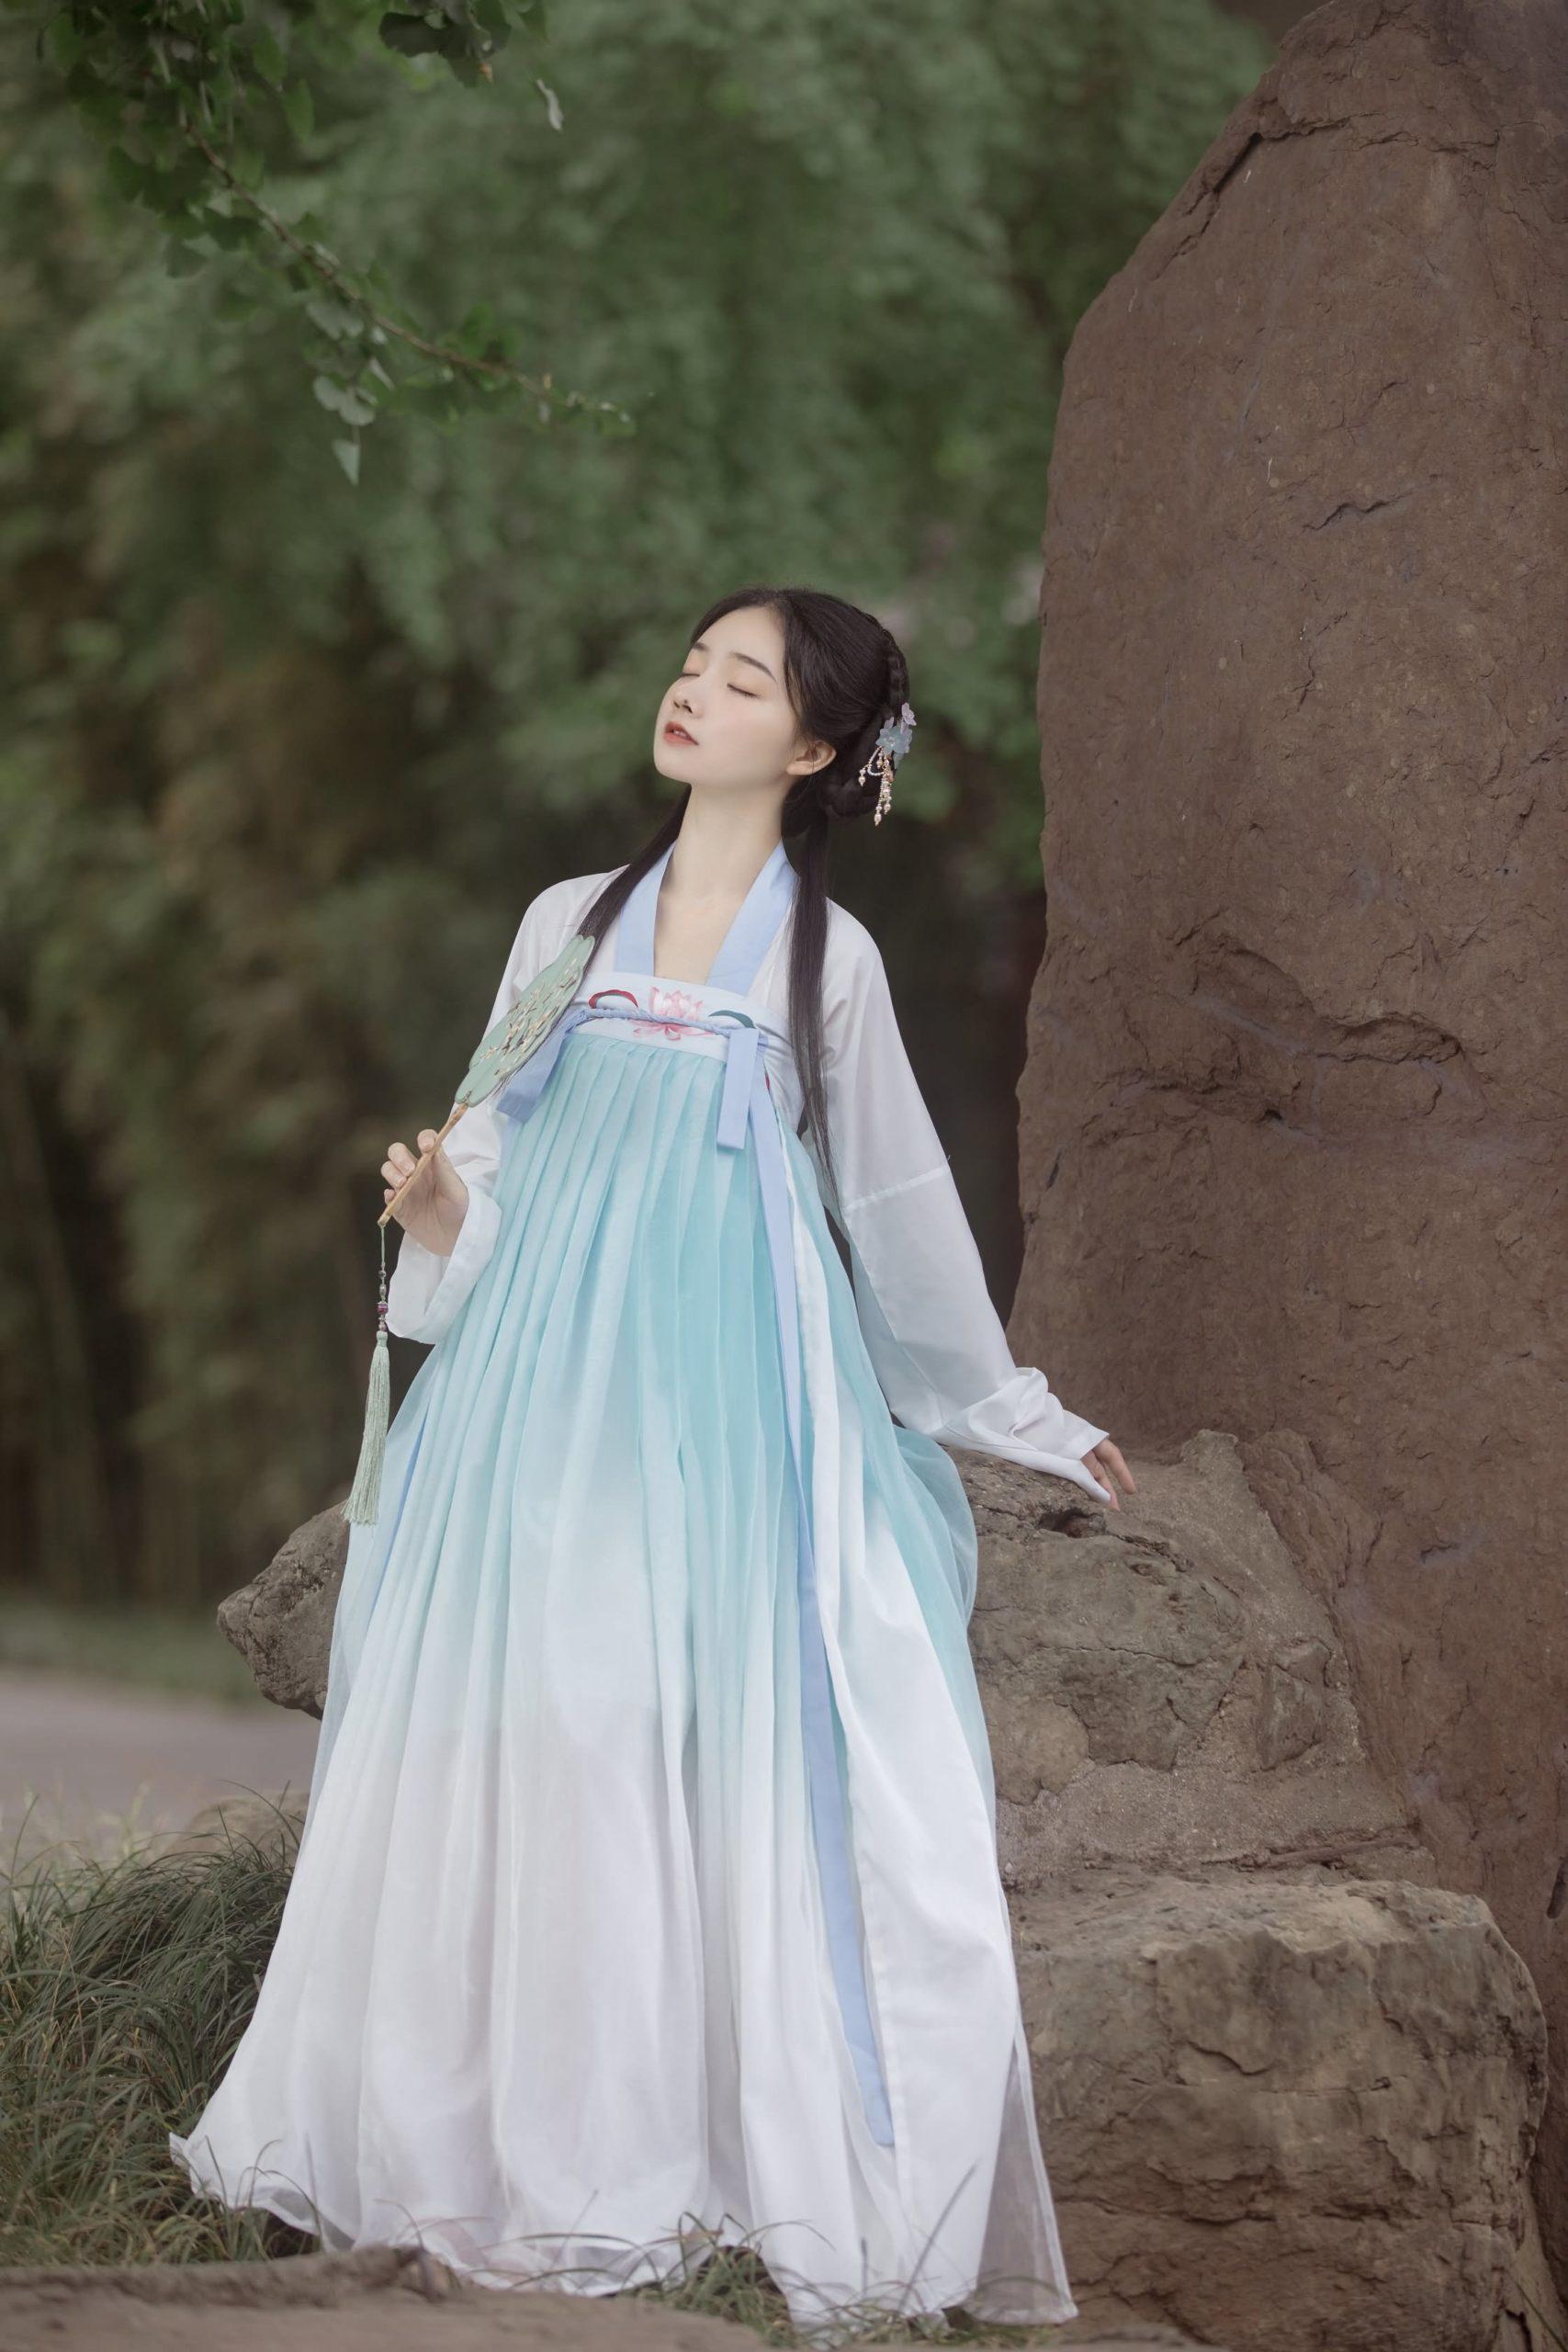 【汉服货源】【汉服推荐】原创齐胸襦裙套装,量大从优